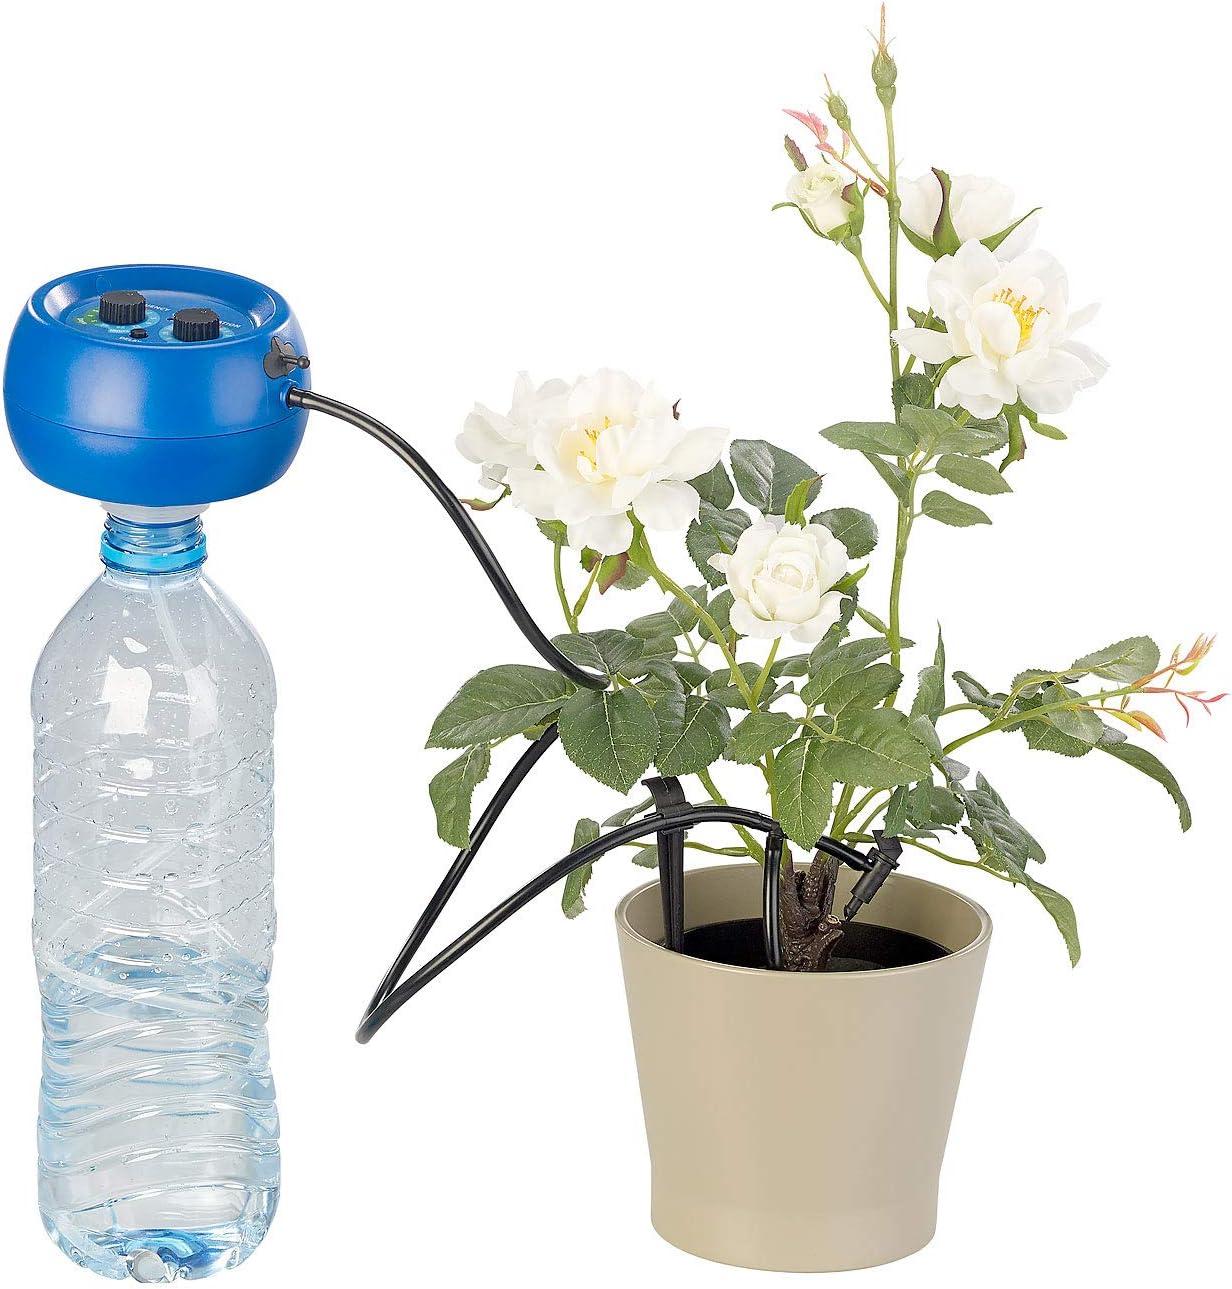 Automatische Pflanzenbew/ässerung Royal Gardineer Balkonbew/ässerung Automatische Urlaubs-Bew/ässerungsanlage f/ür 10 Zimmerpflanzen mit Akku